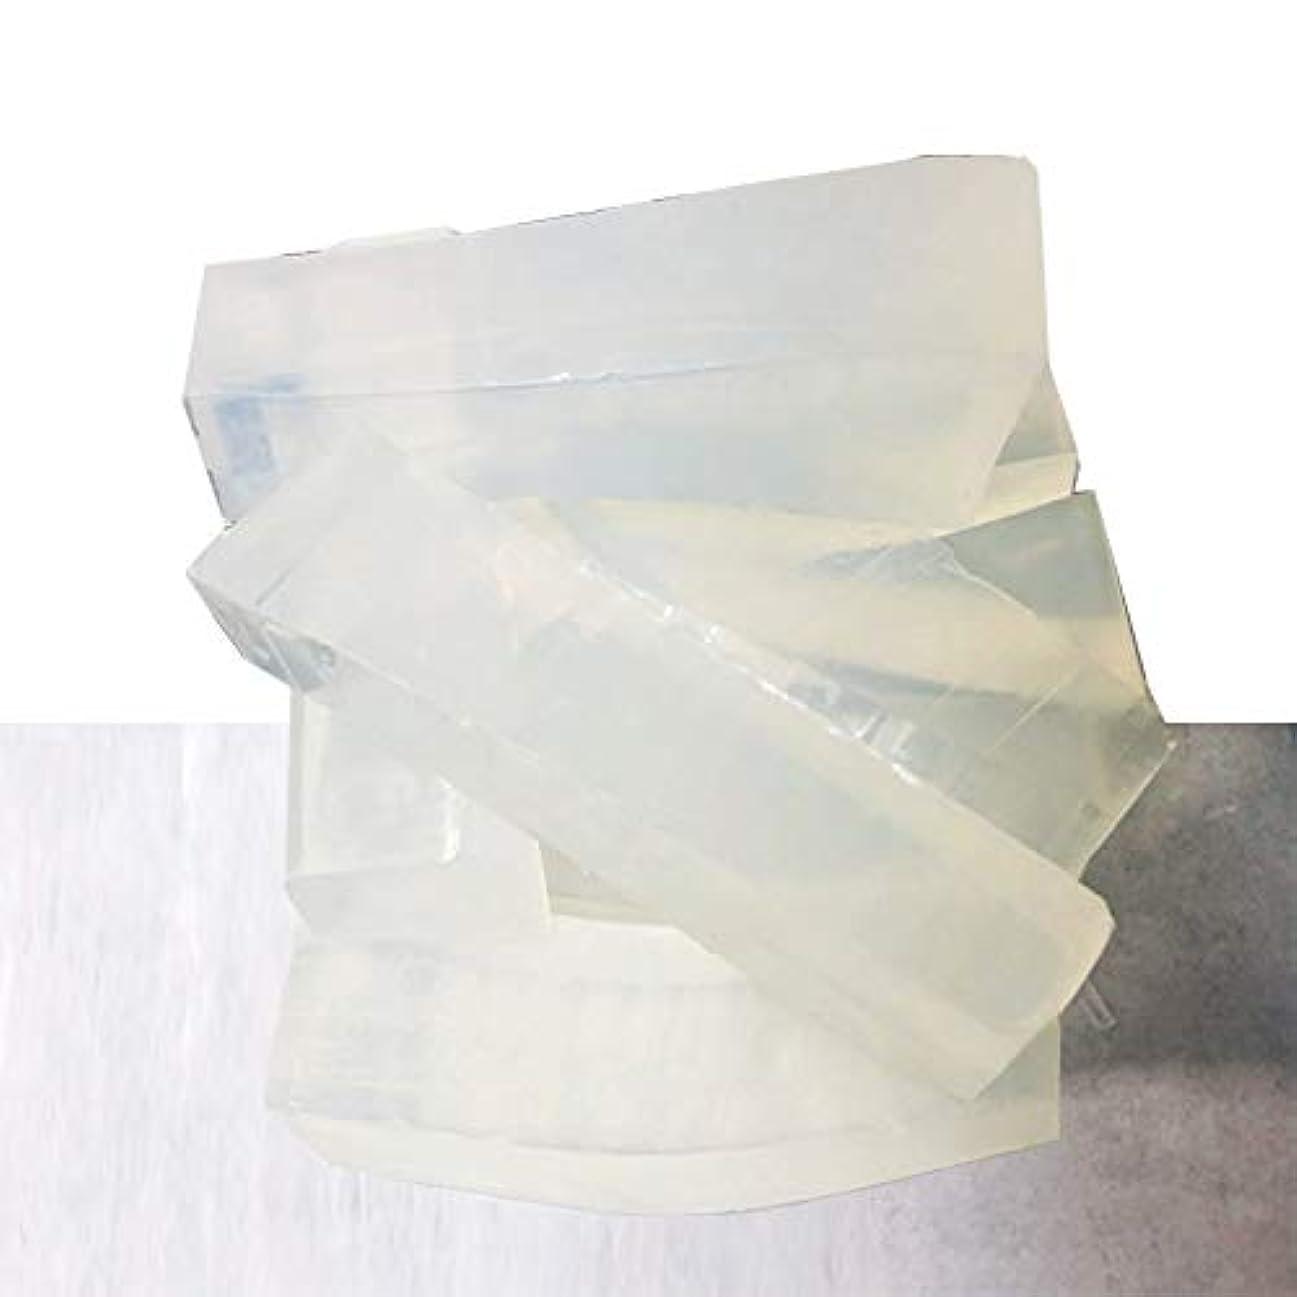 不適当ルーフアラブサラボグリセリンソープ(MPソープ)2kg(2,000g)クリア